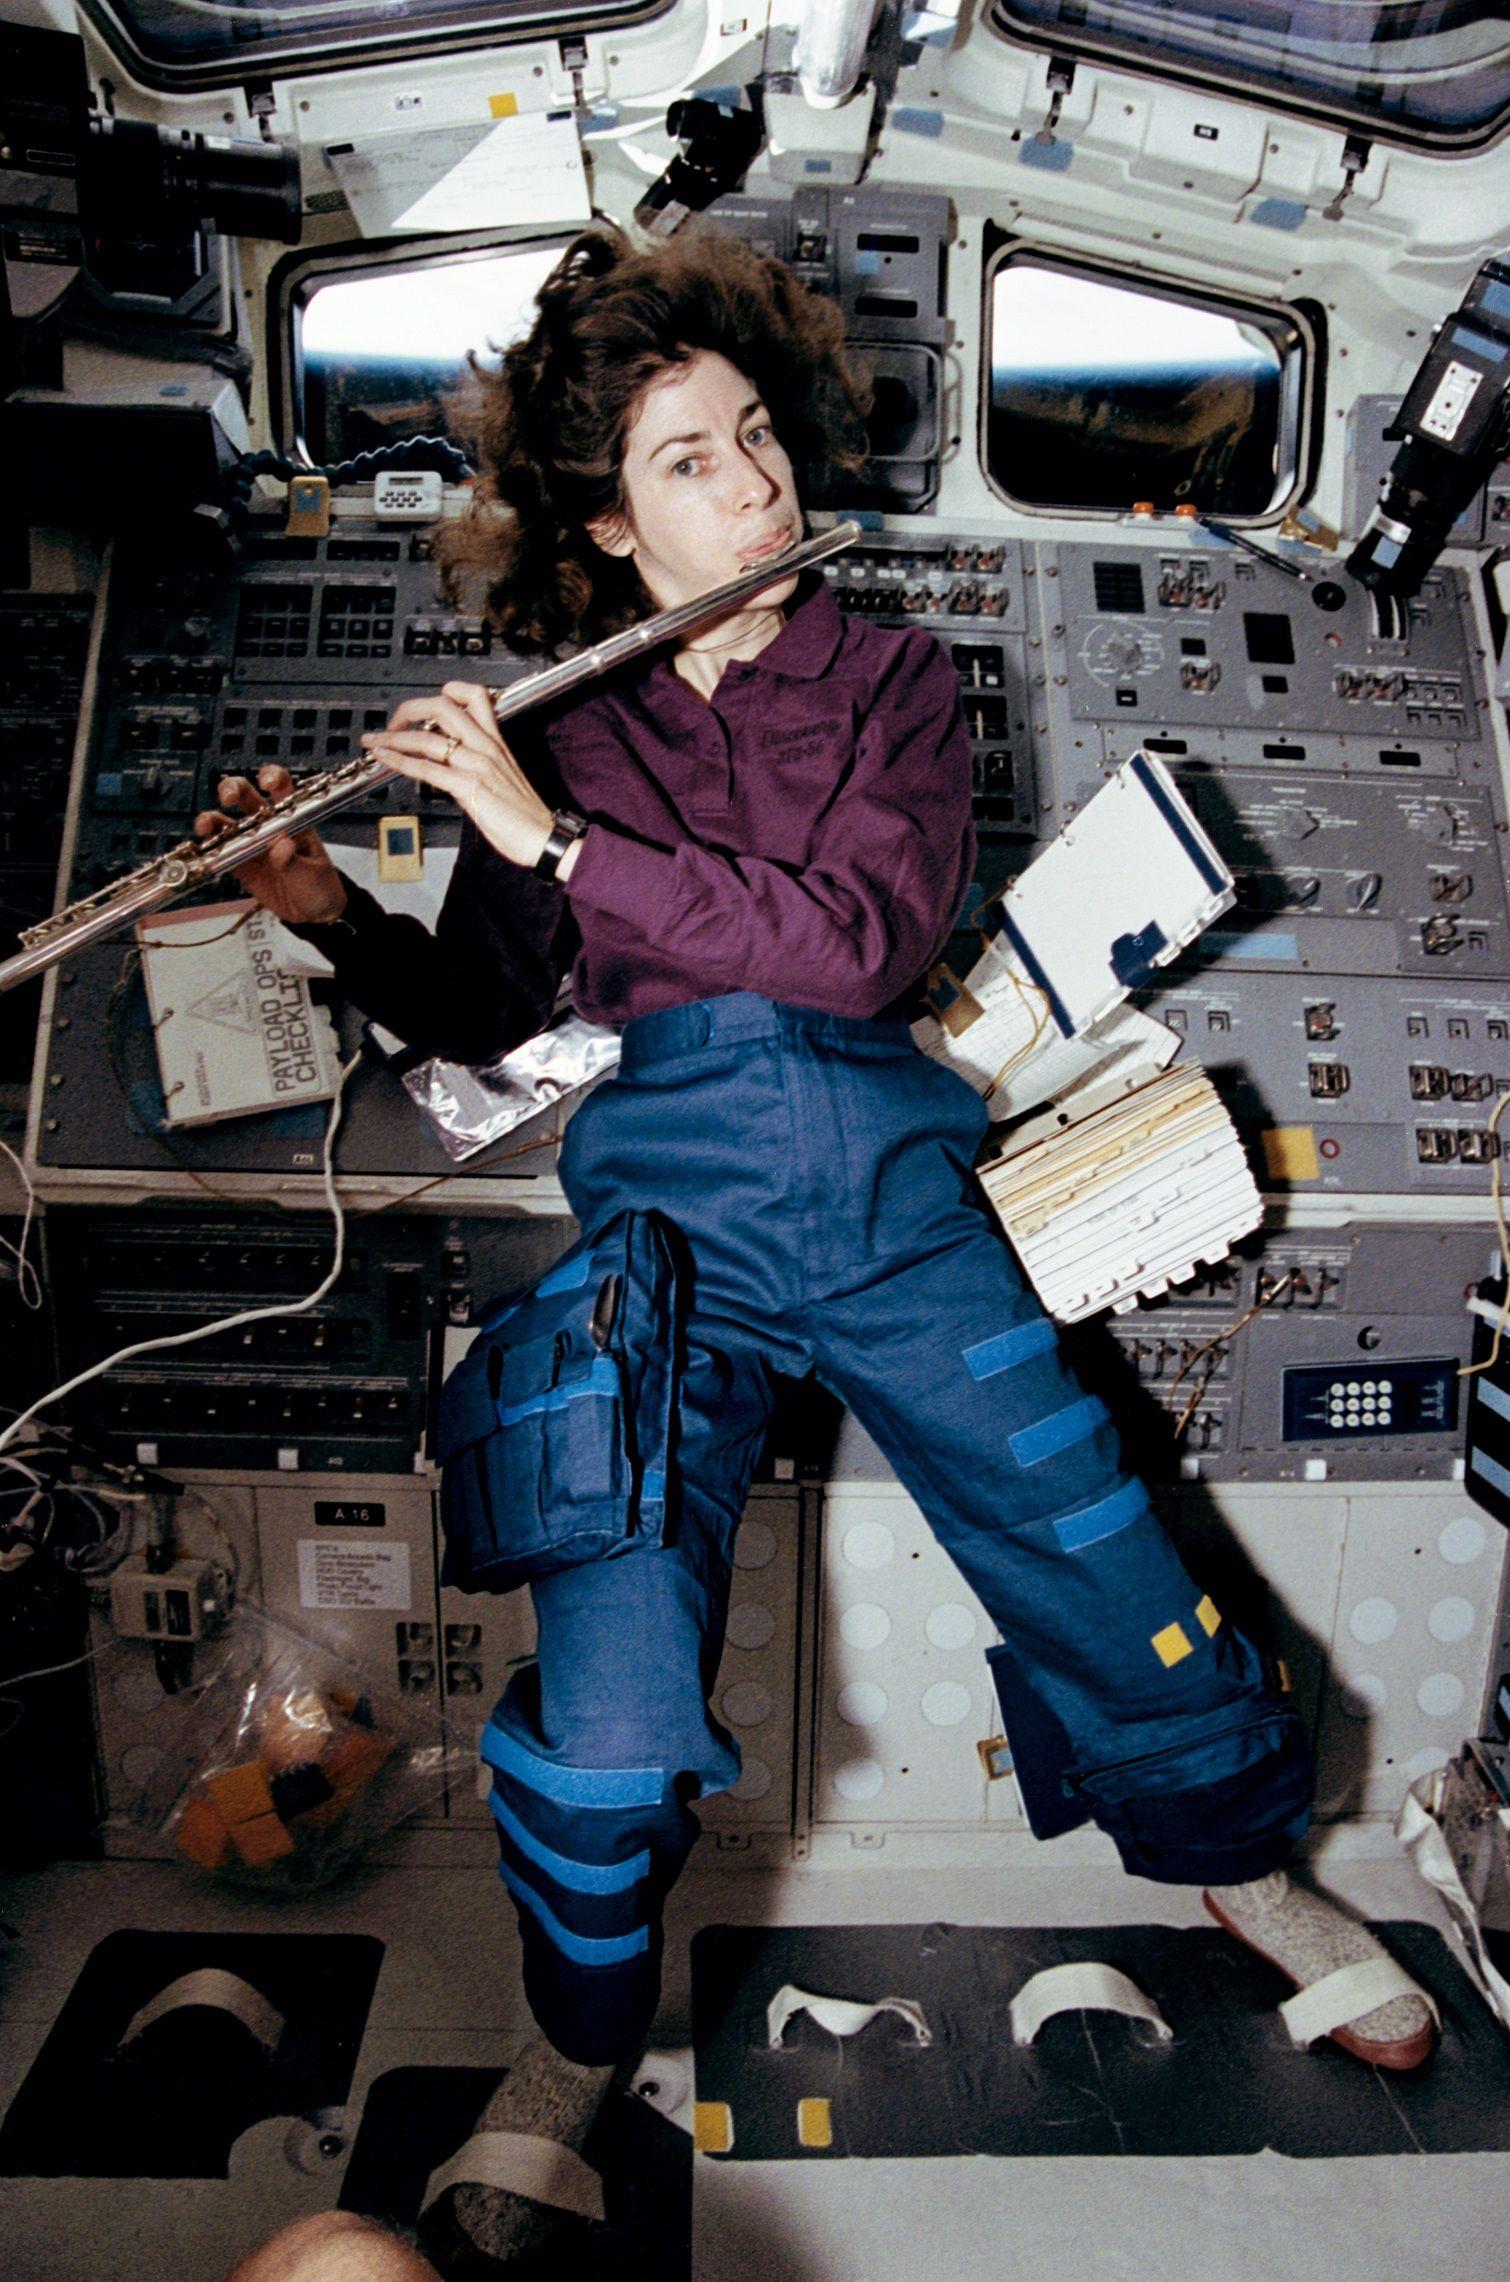 Ellen Ochoa muestra sus habilidades musicales en el espacio. Crédito: web visionlearning.com